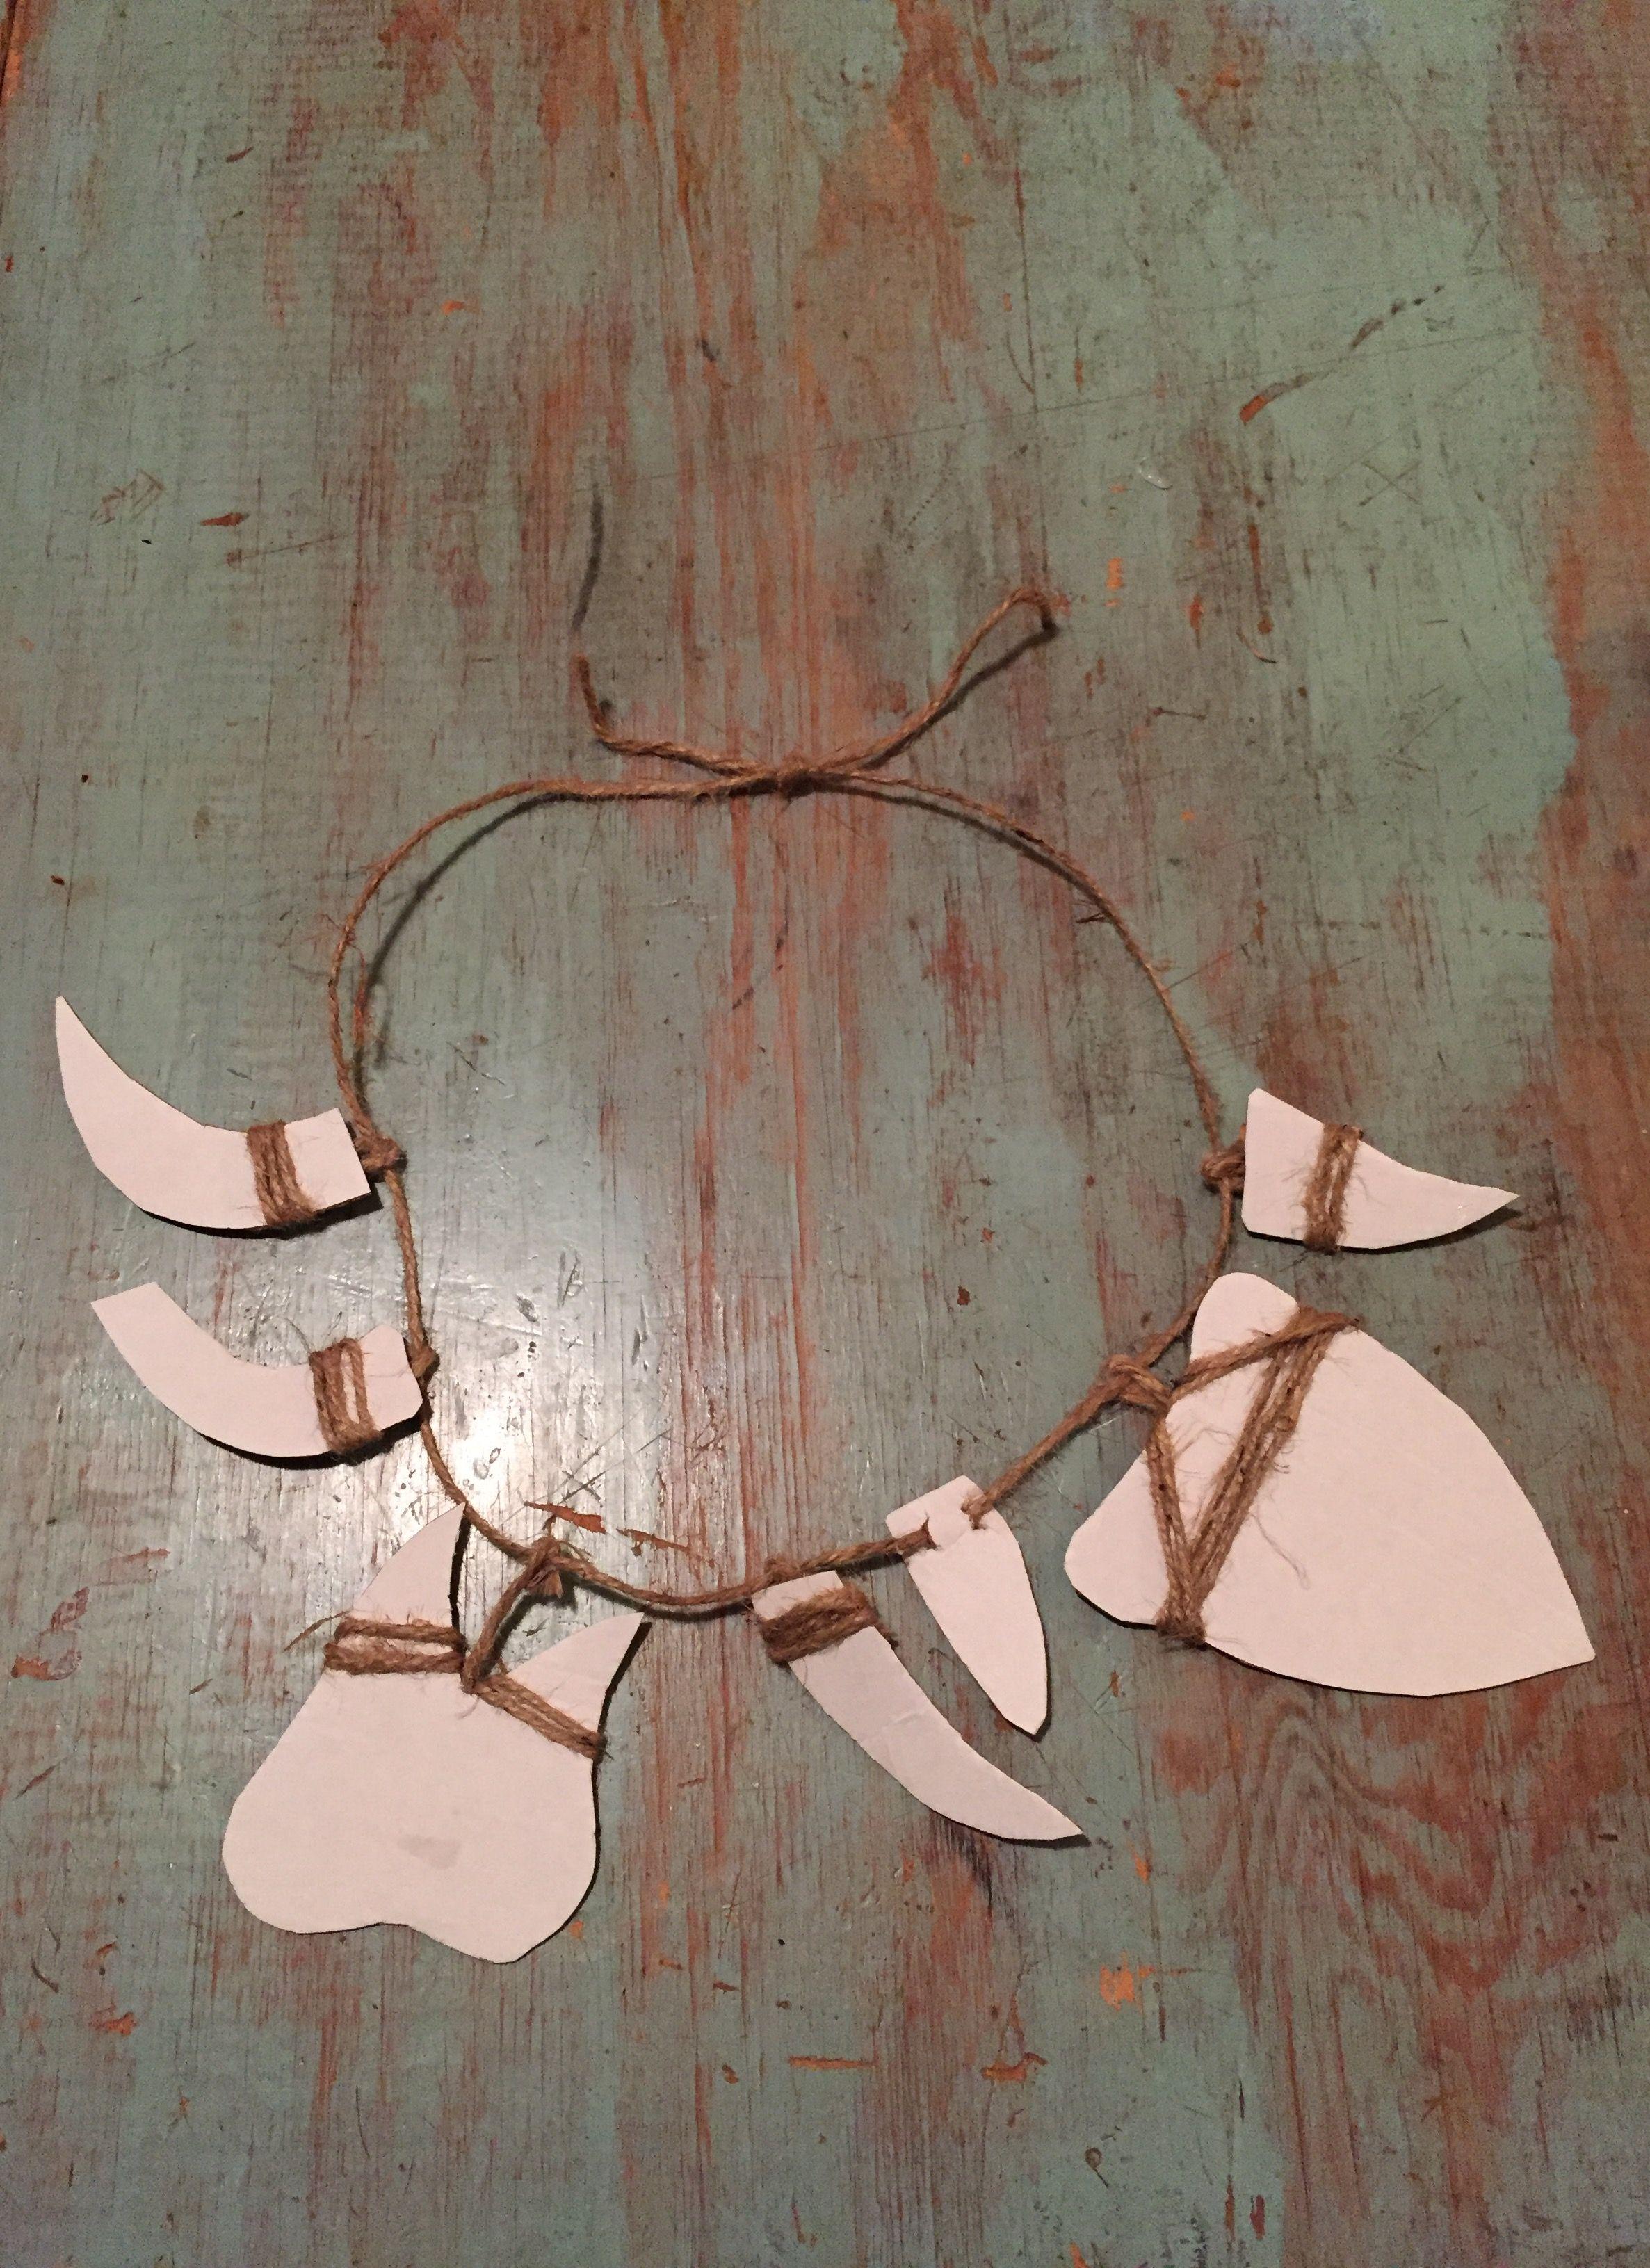 Make A Moana Maui Necklace On A Budget Fun Ideas Moana Halloween Costume Moana Birthday